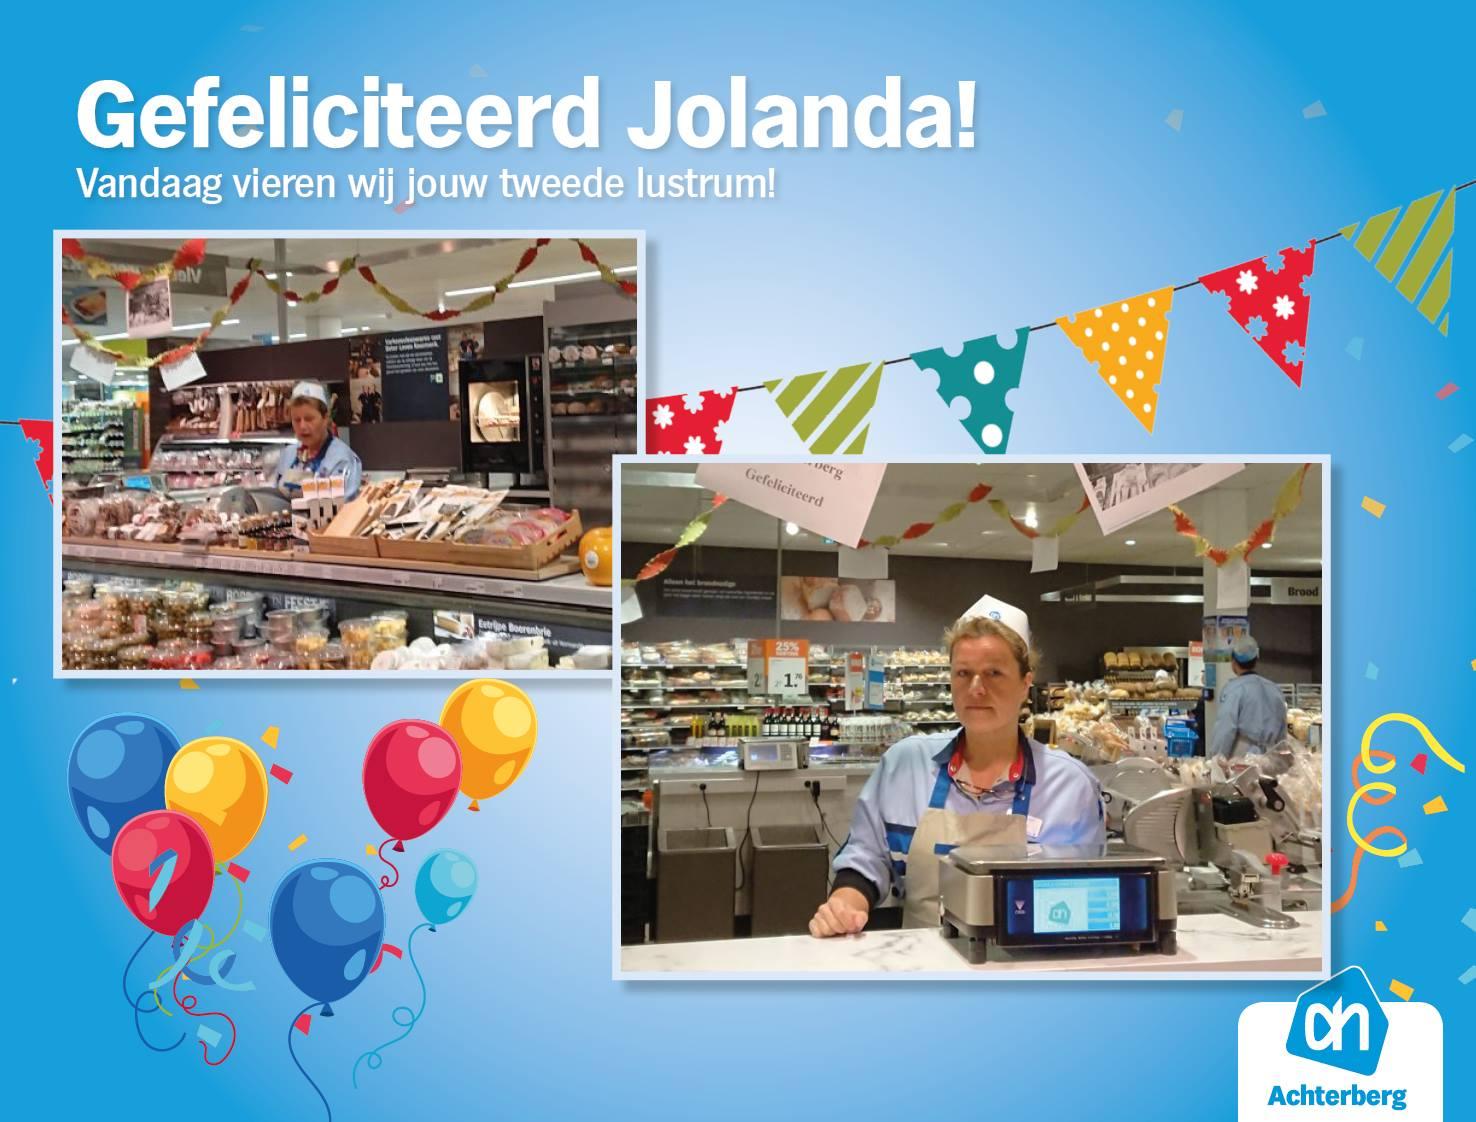 Gefeliciteerd Jolanda met jouw tweede lustrum!